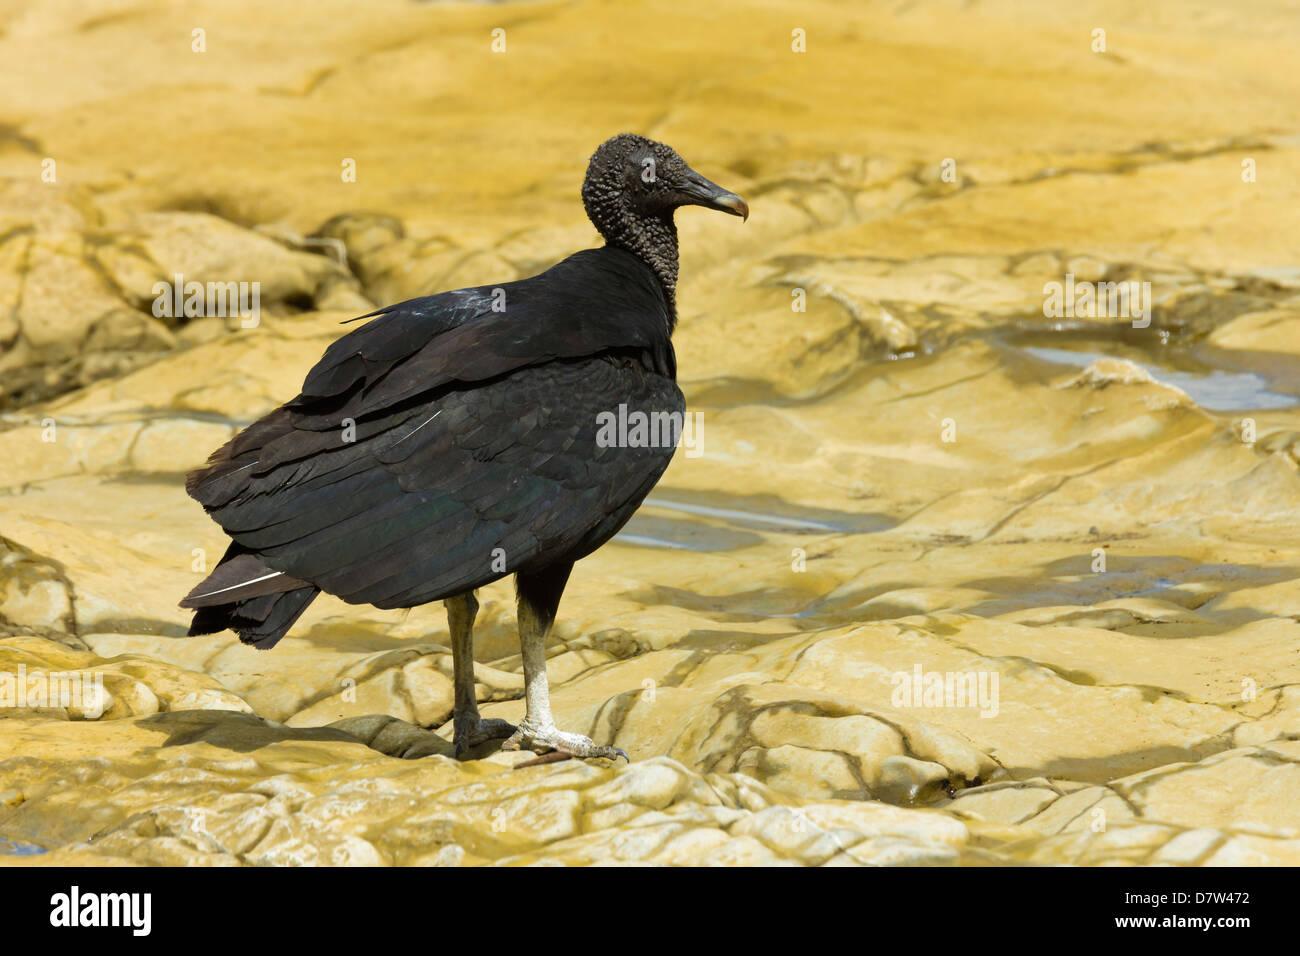 Urubu noir d'Amérique du Sud, un charognard, commun à une rivière bouche; Nosara, Péninsule Photo Stock